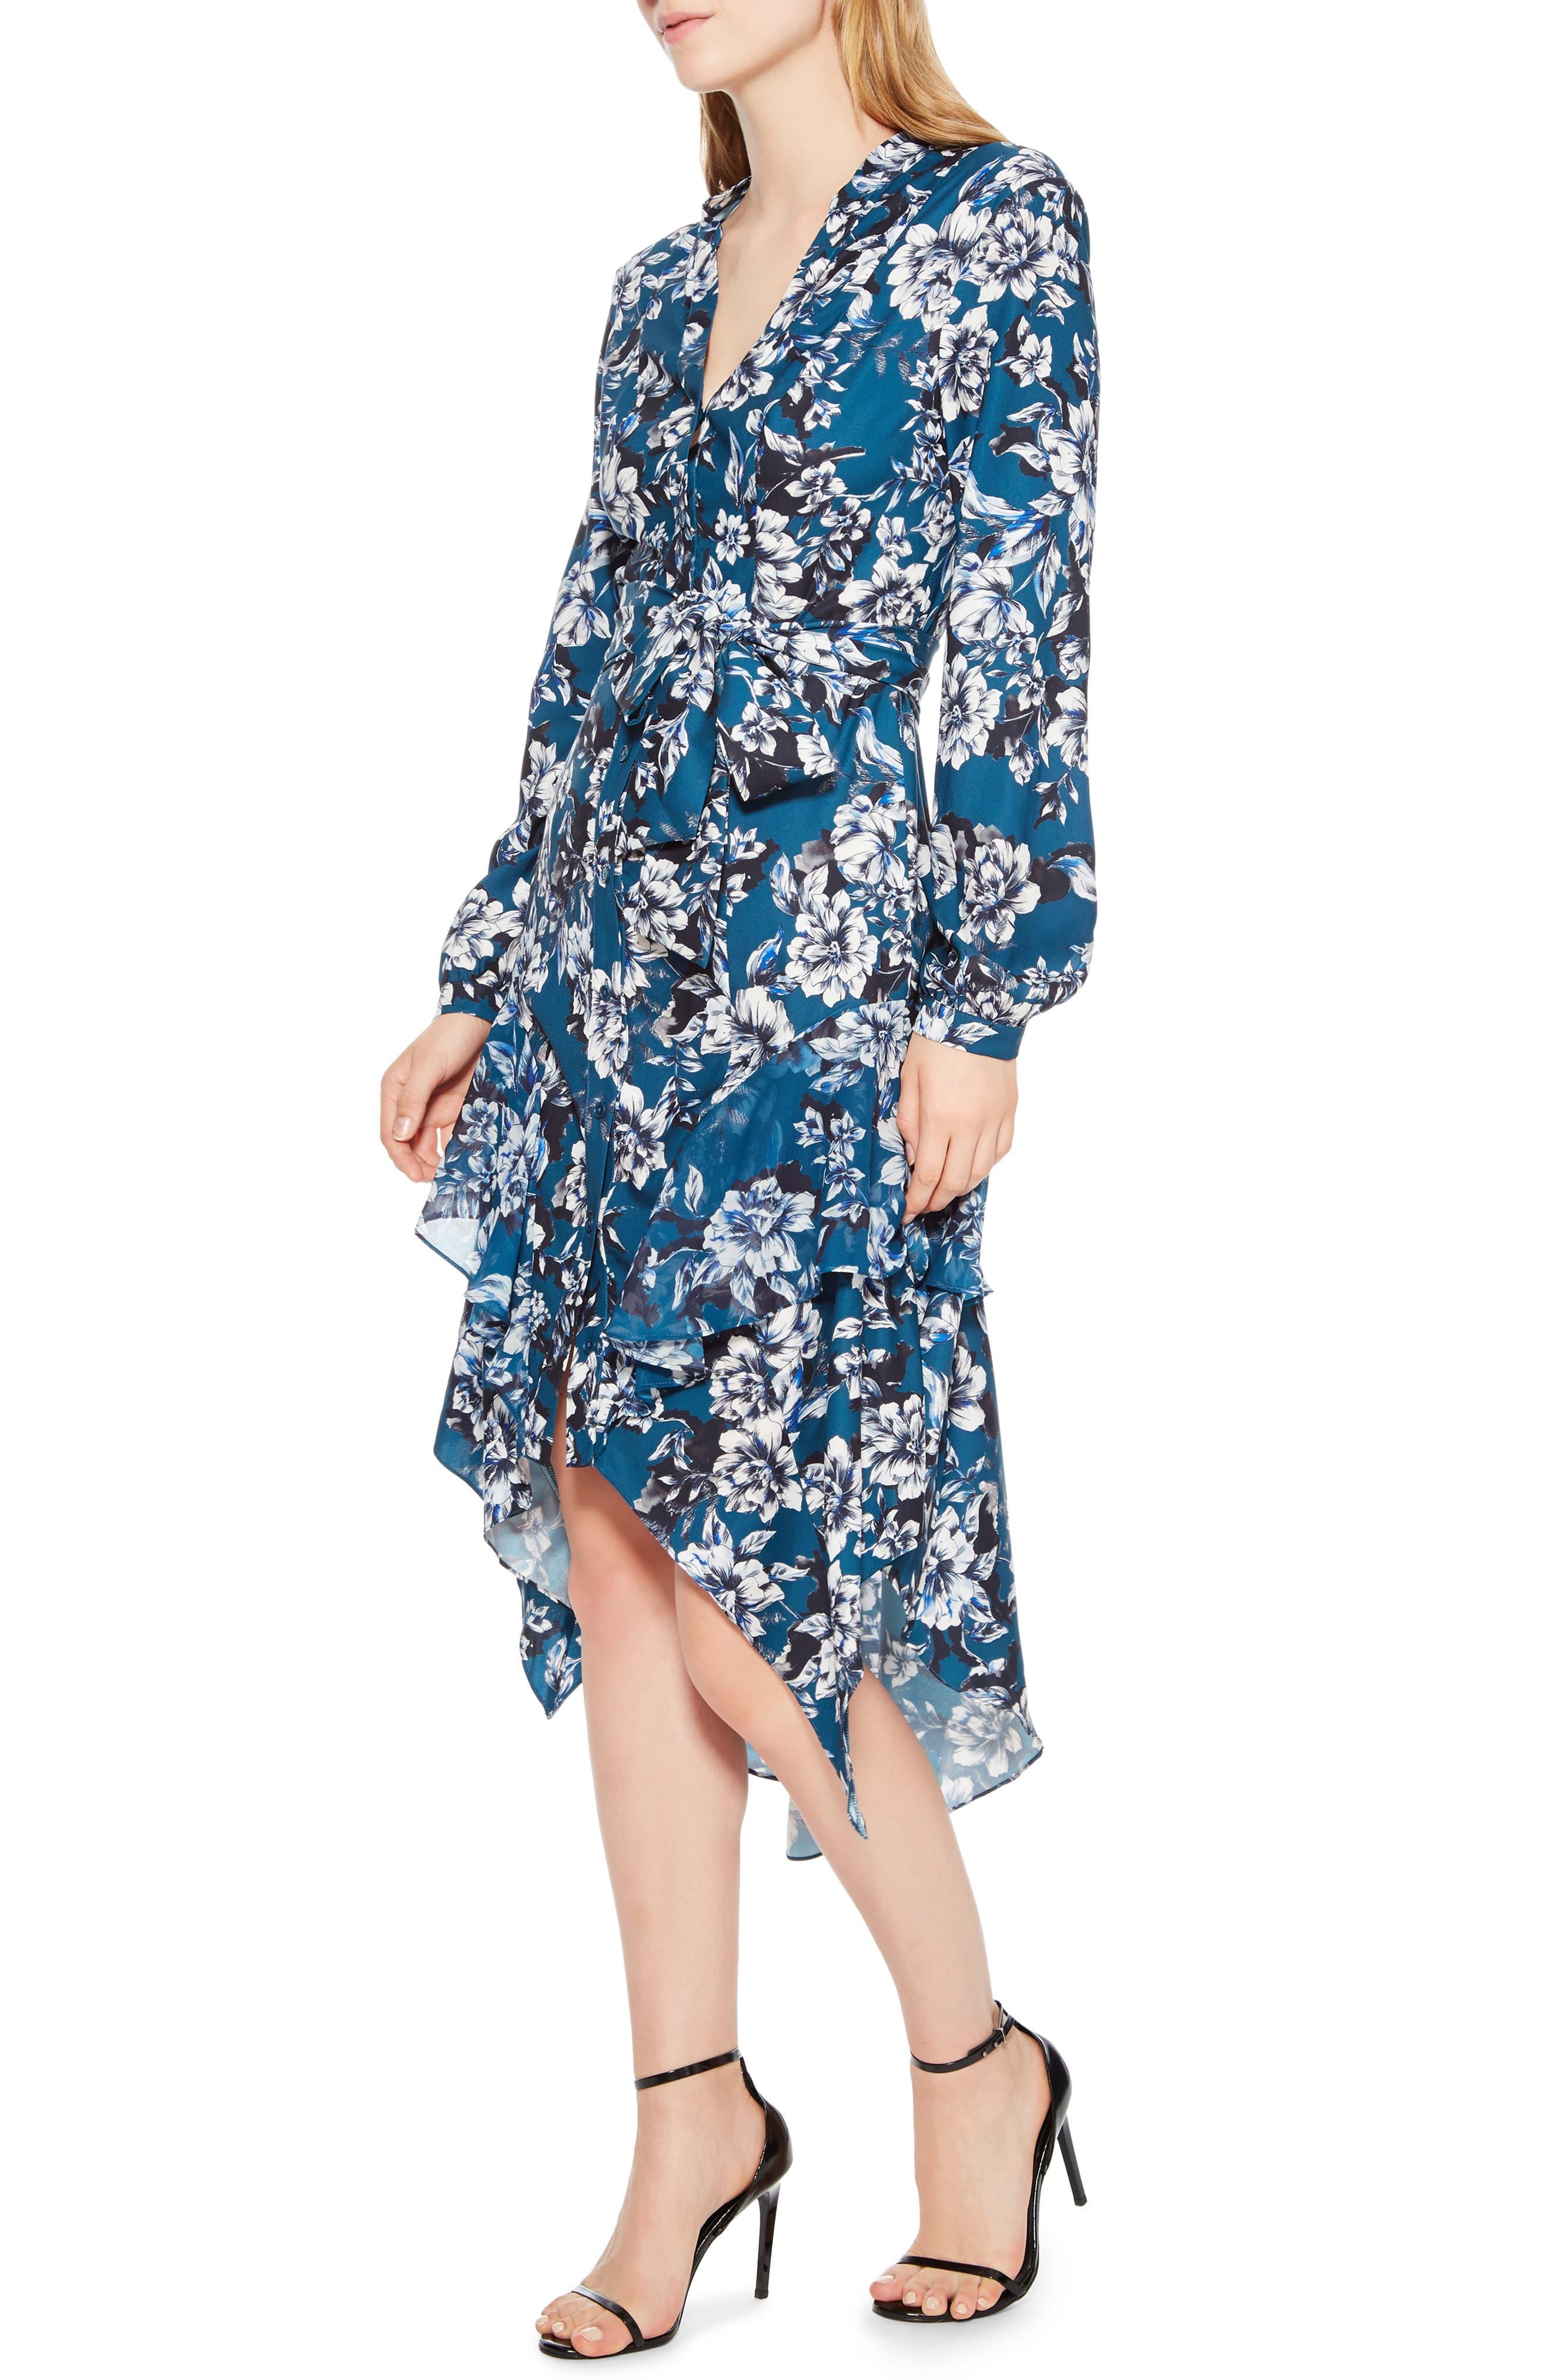 Estella Asymmetrical Floral Shirtdress,                             Alternate thumbnail 3, color,                             EVERGLADE GARDENS